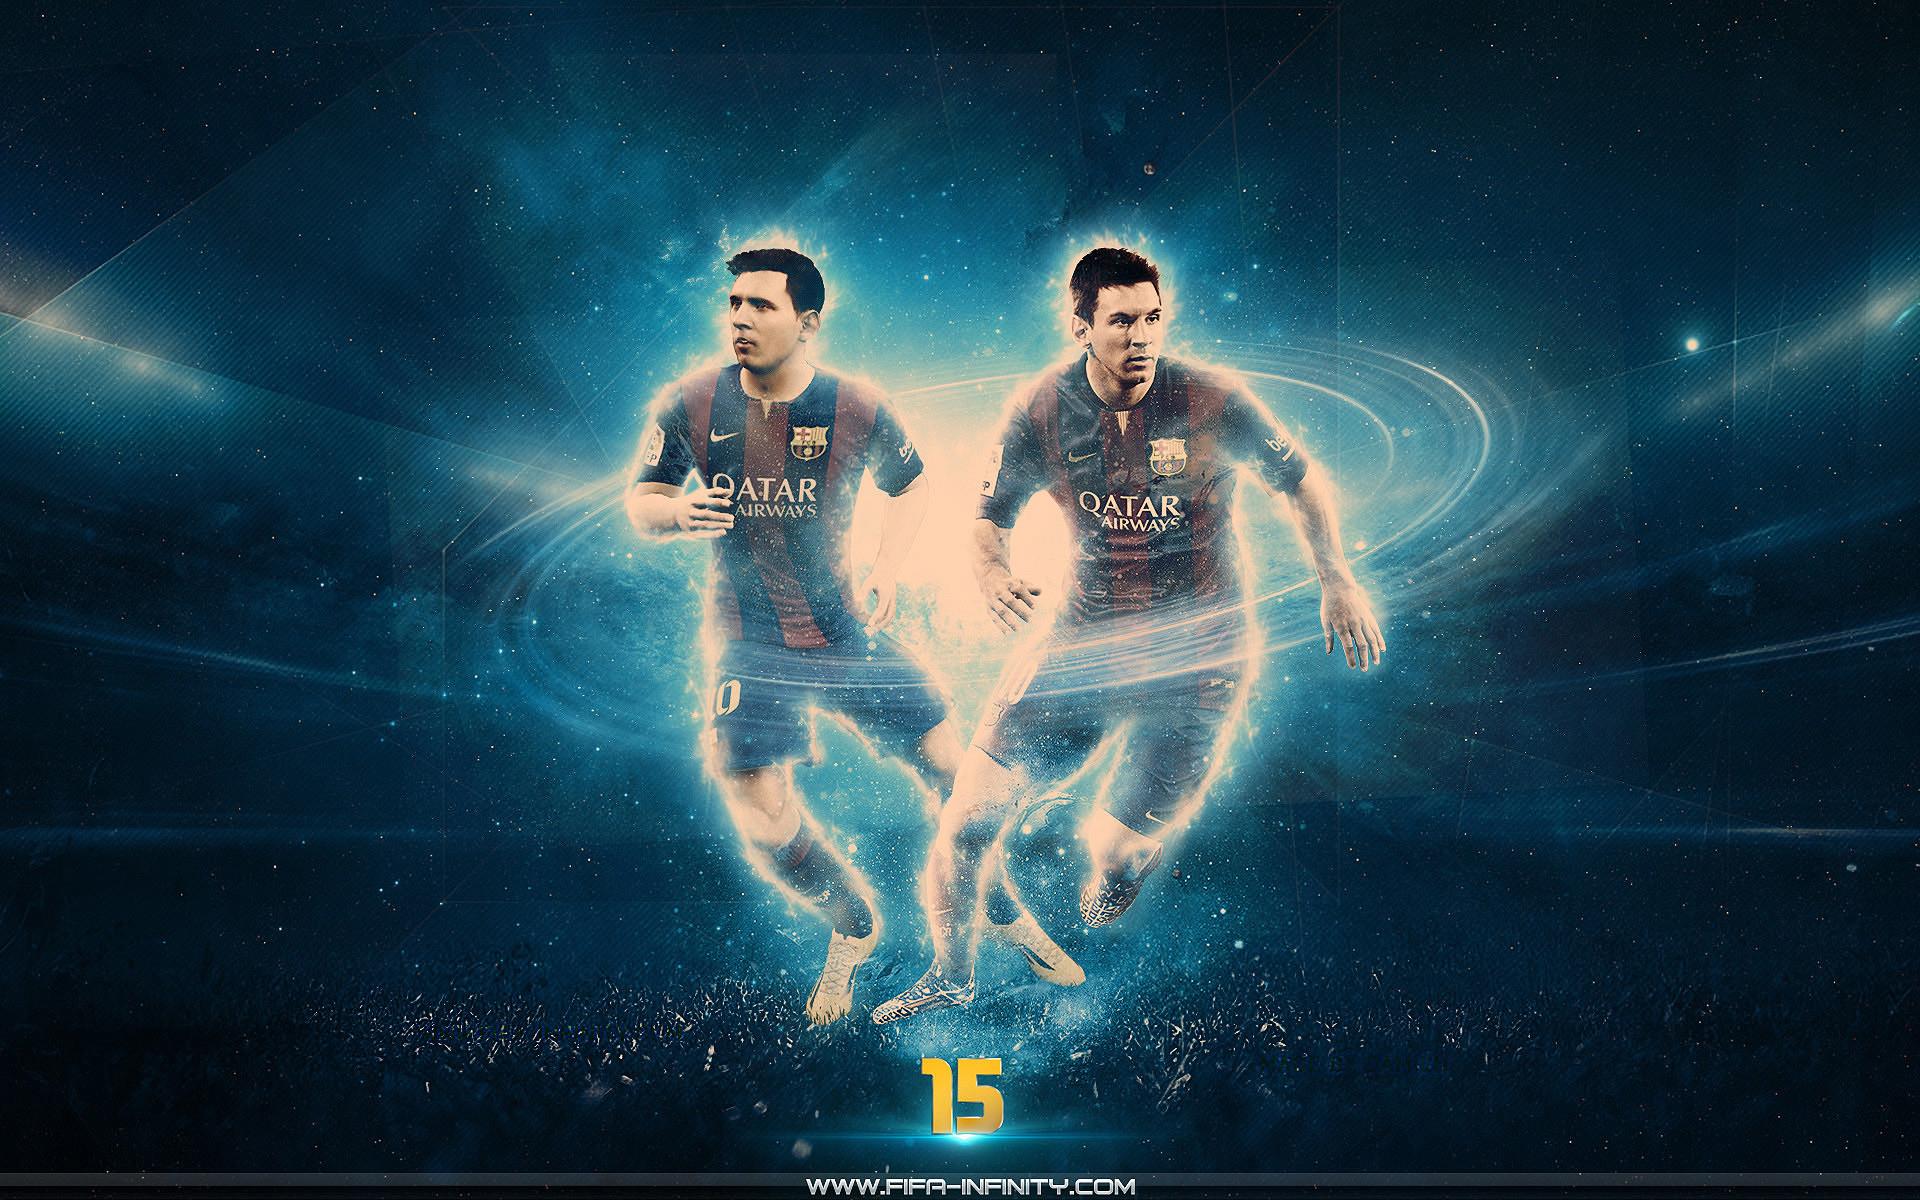 Messi Fifa 15 Wallpaper (80+ images)